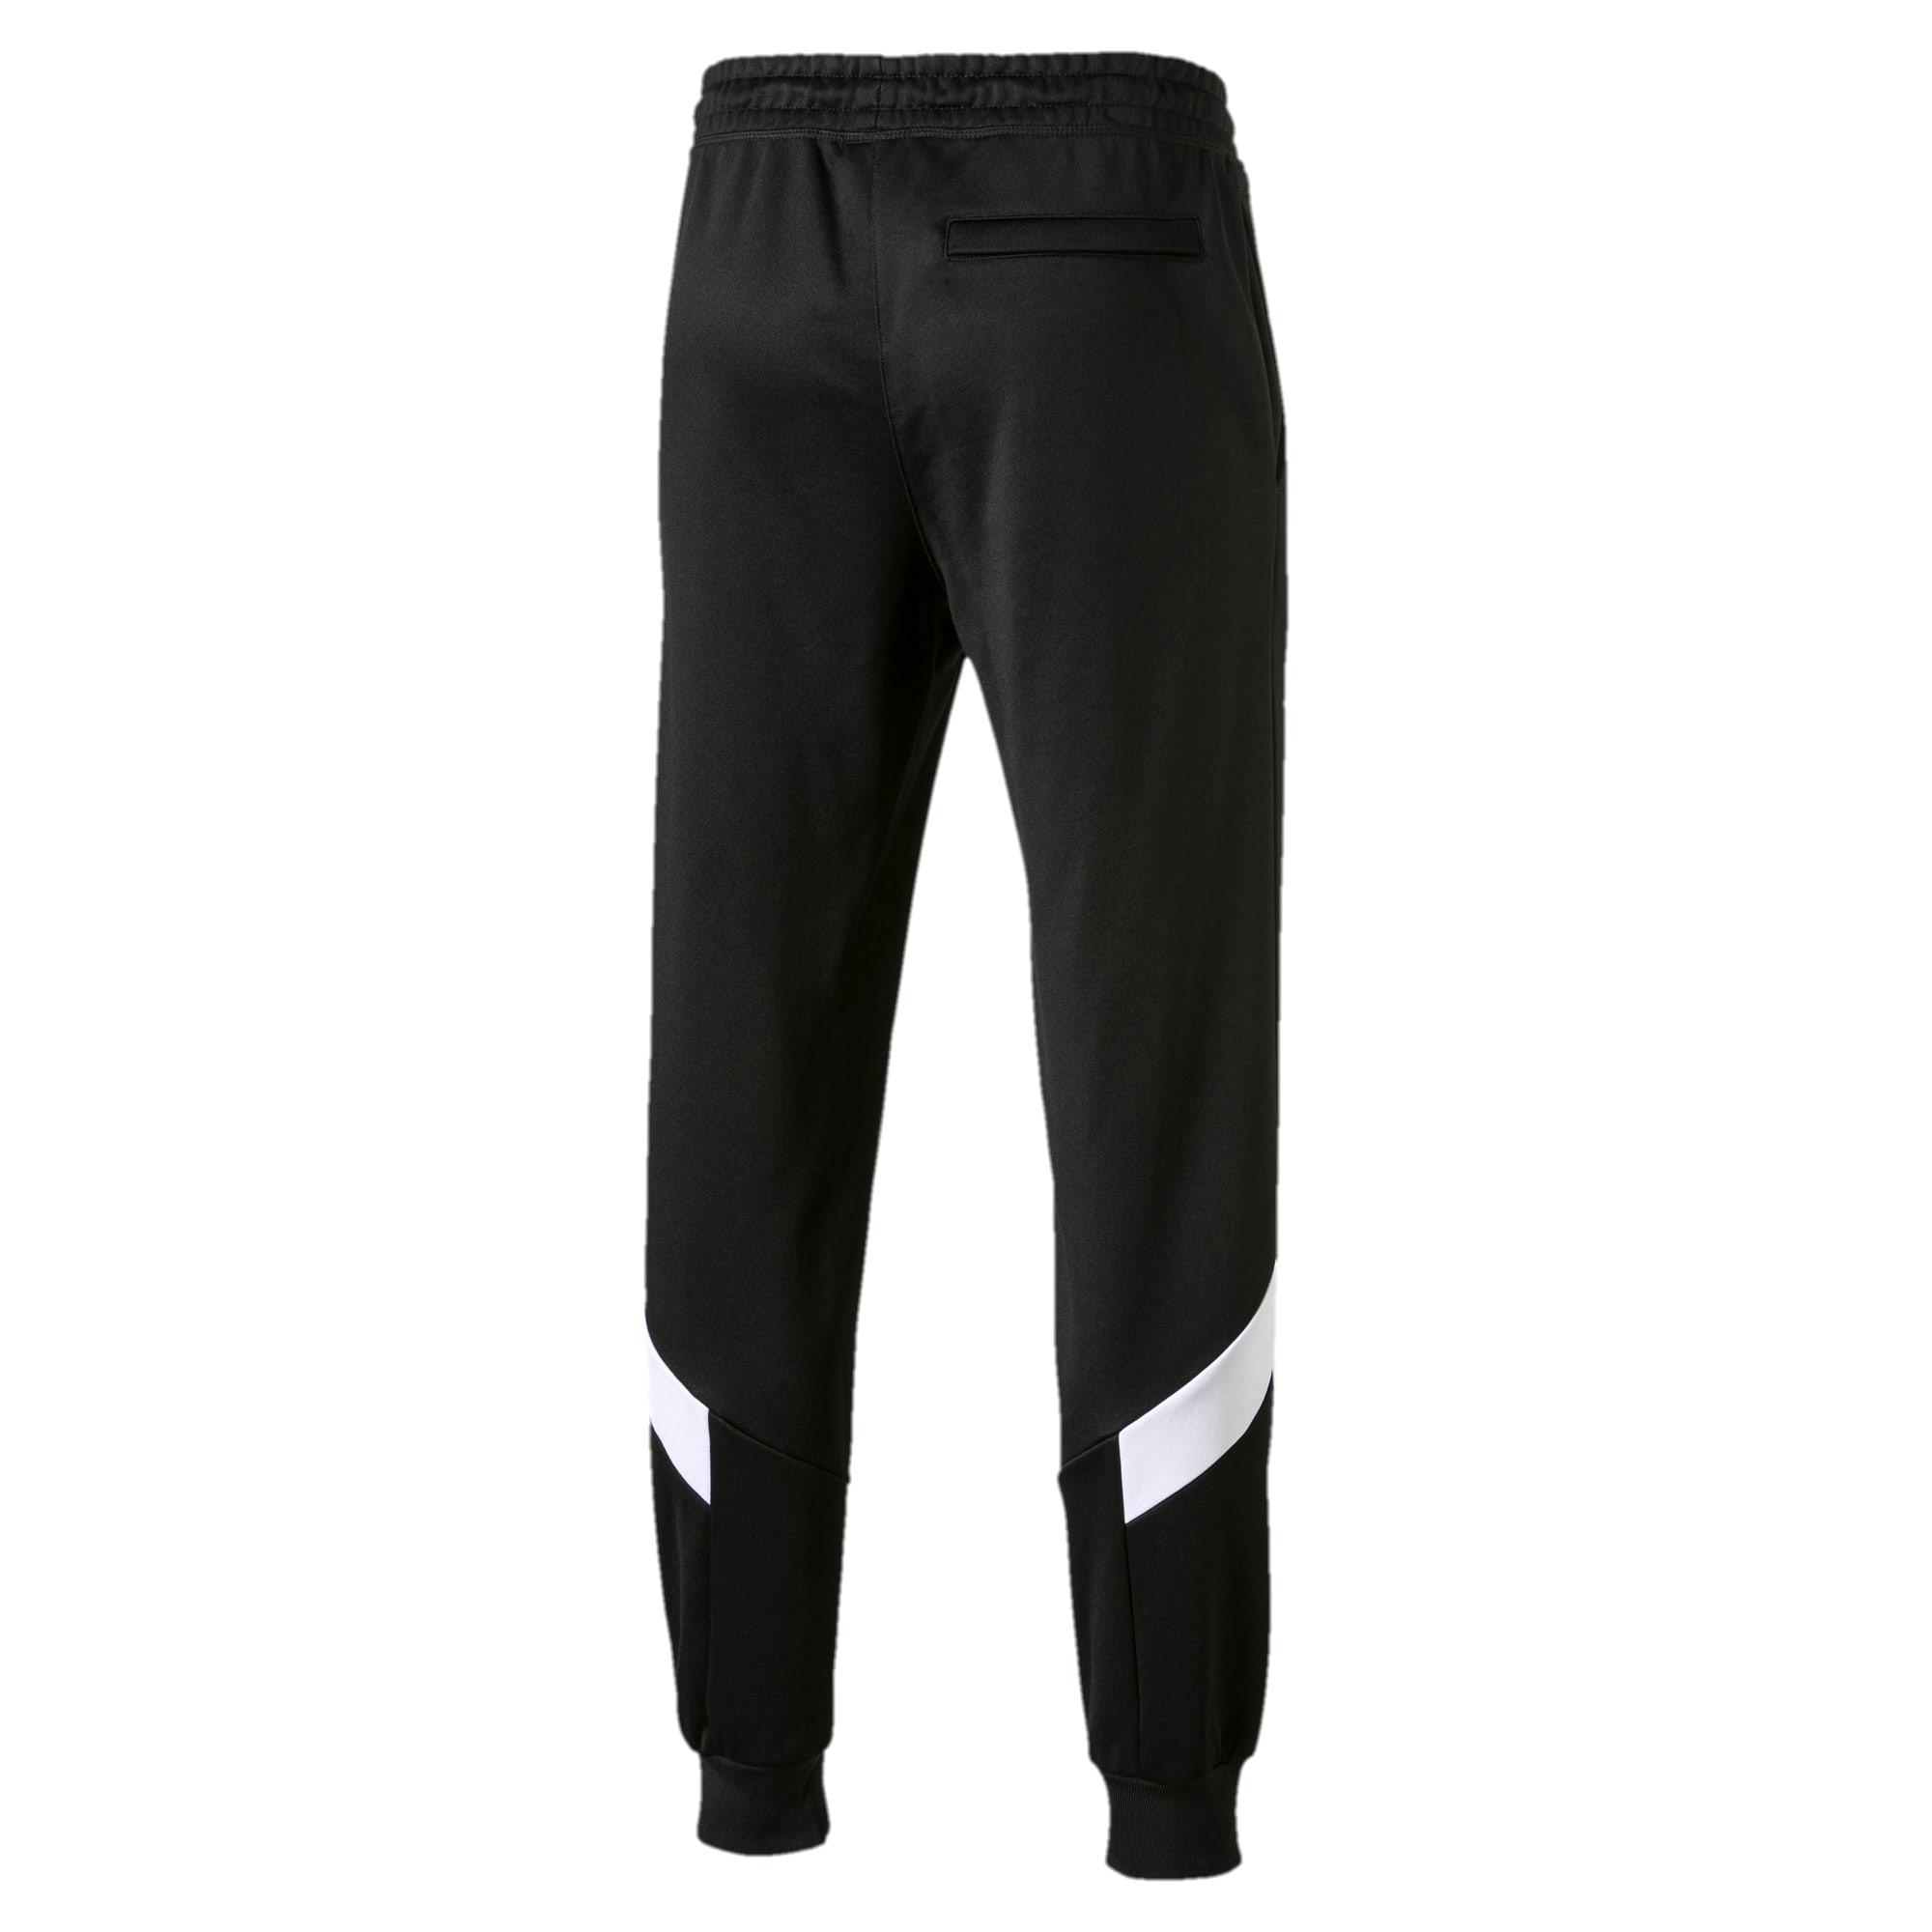 Thumbnail 4 of Iconic MCS Men's Track Pants, Puma Black -1, medium